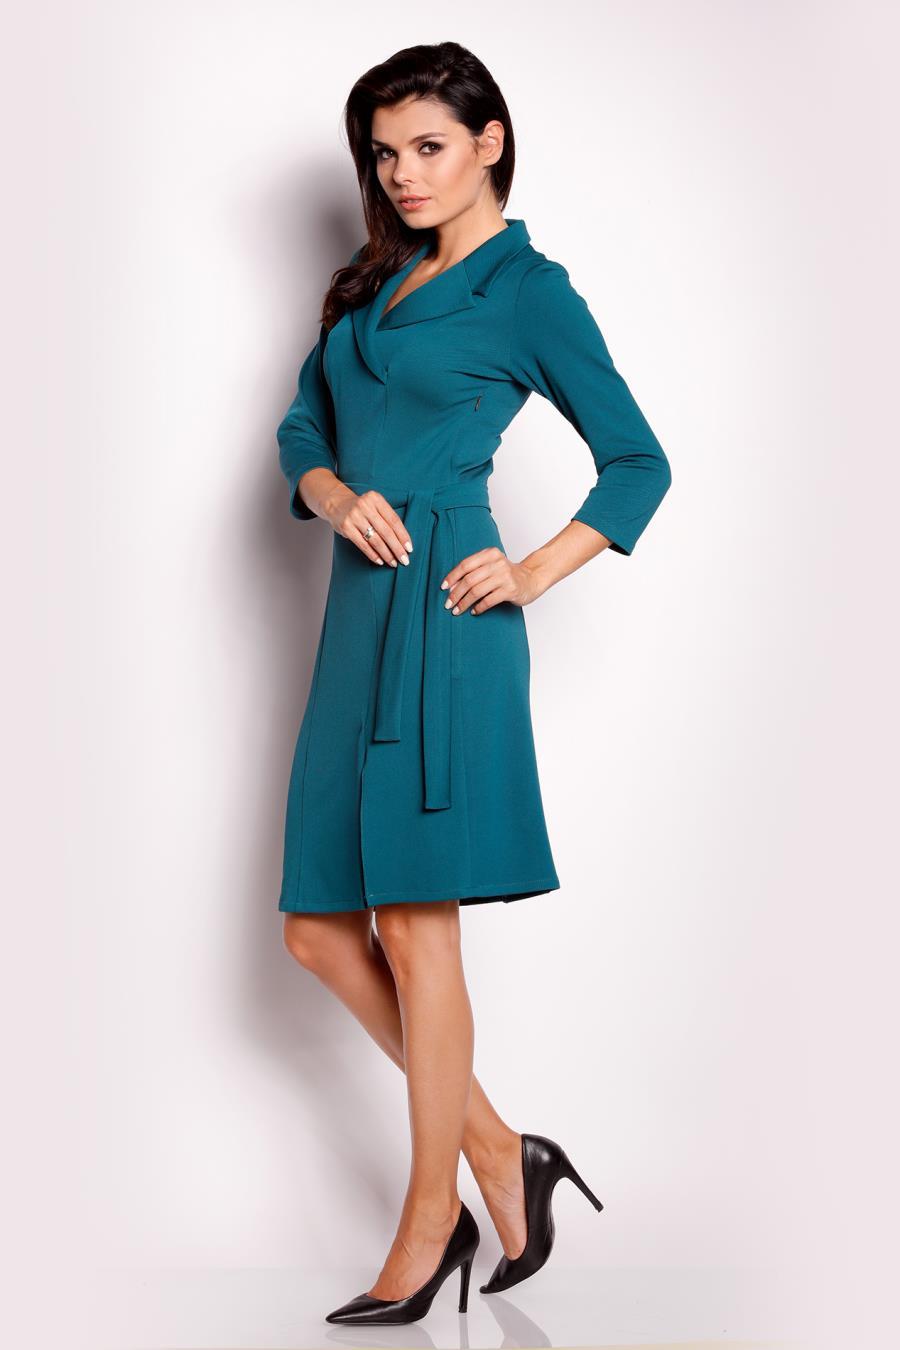 a45a496345 Sukienka z Kołnierzykiem Zielona AW151 BESIMA.pl